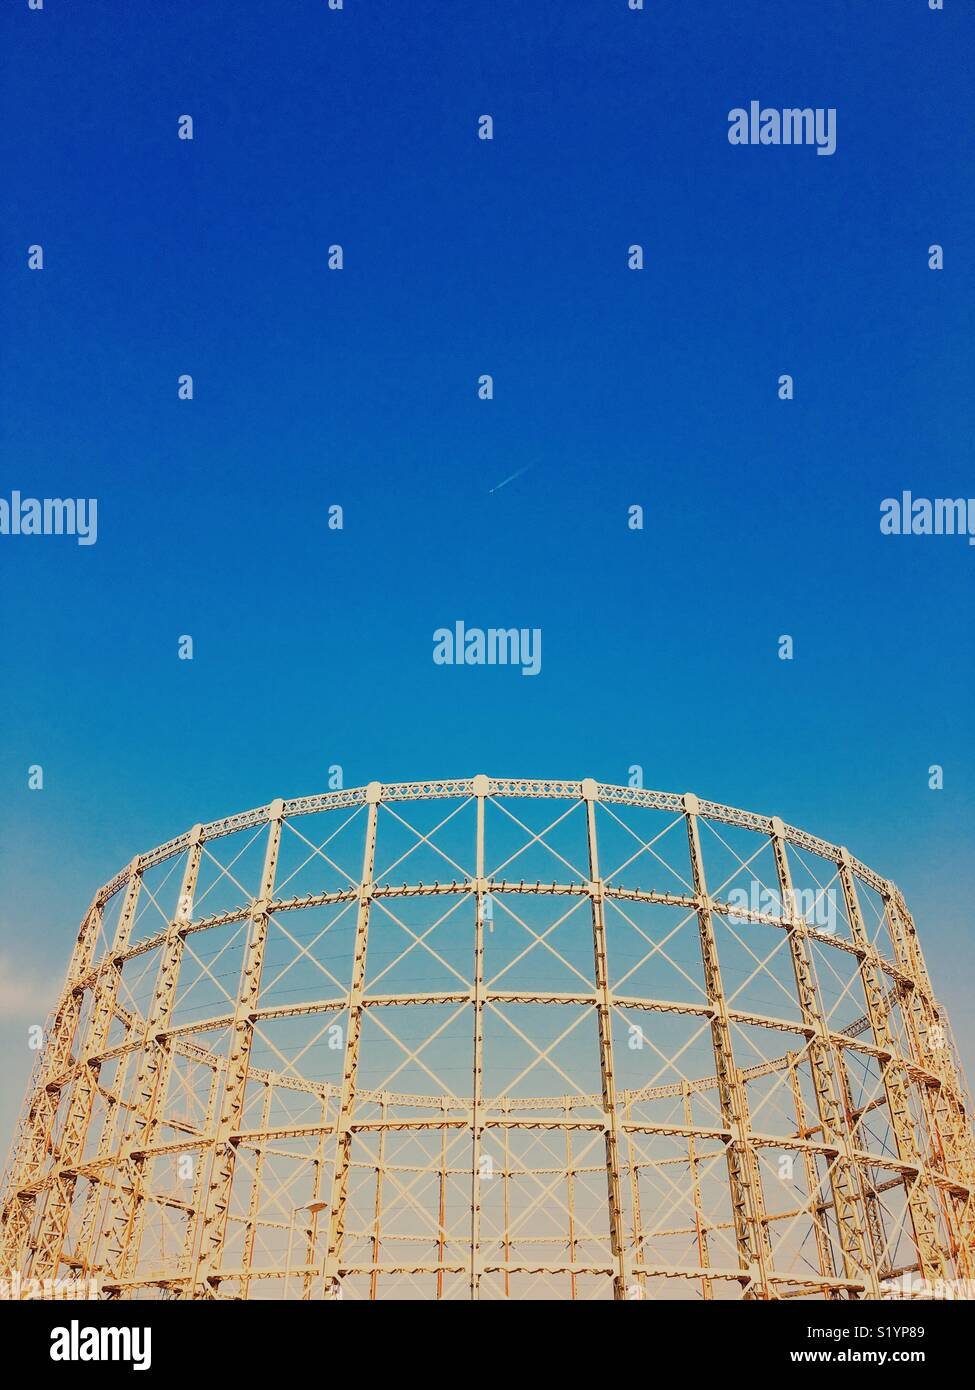 Charpente du gazomètre vide contre un ciel bleu vif avec jet et traînée Photo Stock